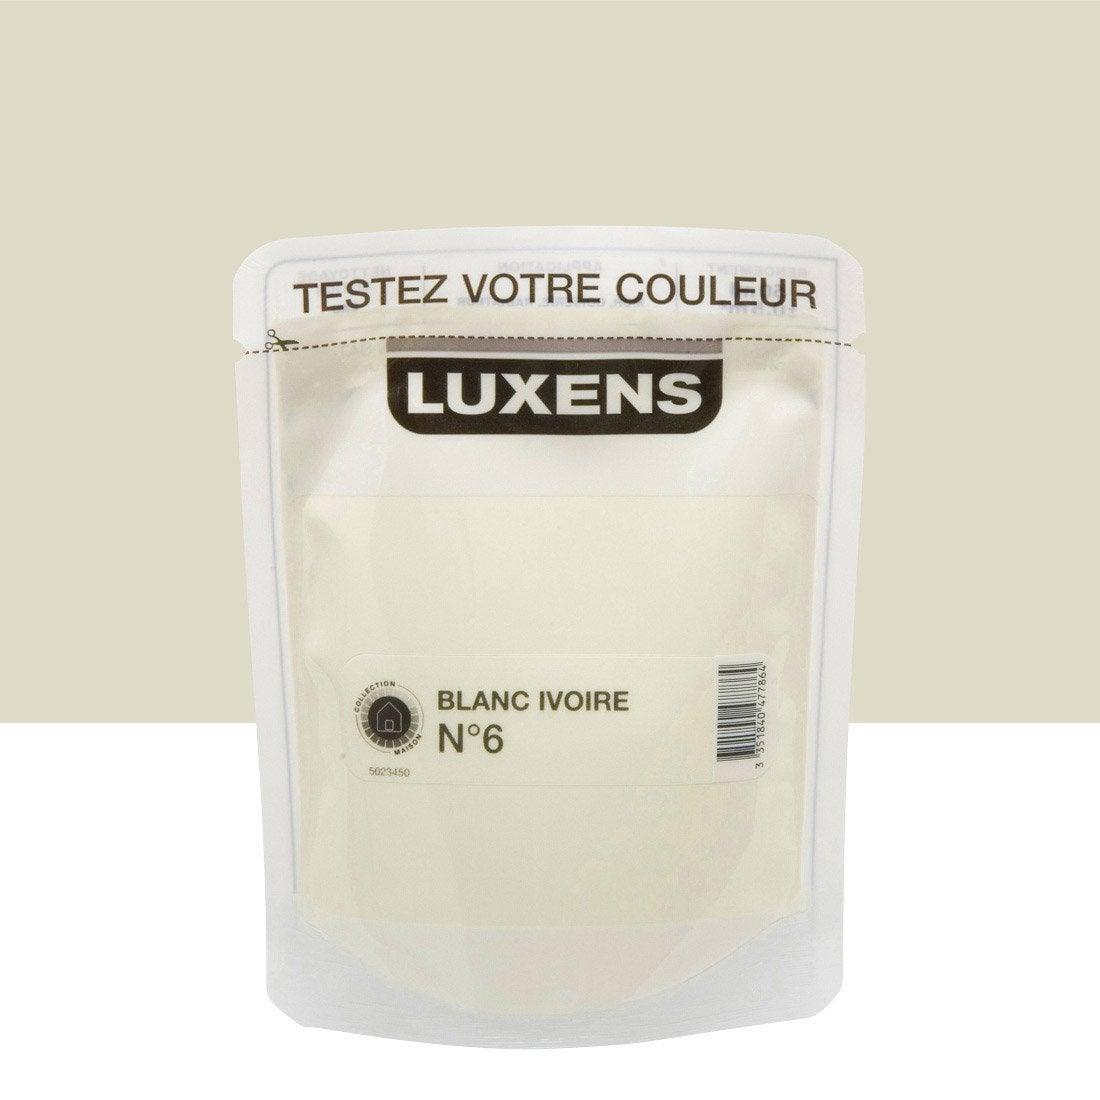 Testeur peinture blanc ivoire 6 satin luxens couleurs int rieures satin l leroy merlin - Blanc comme l ivoire ...